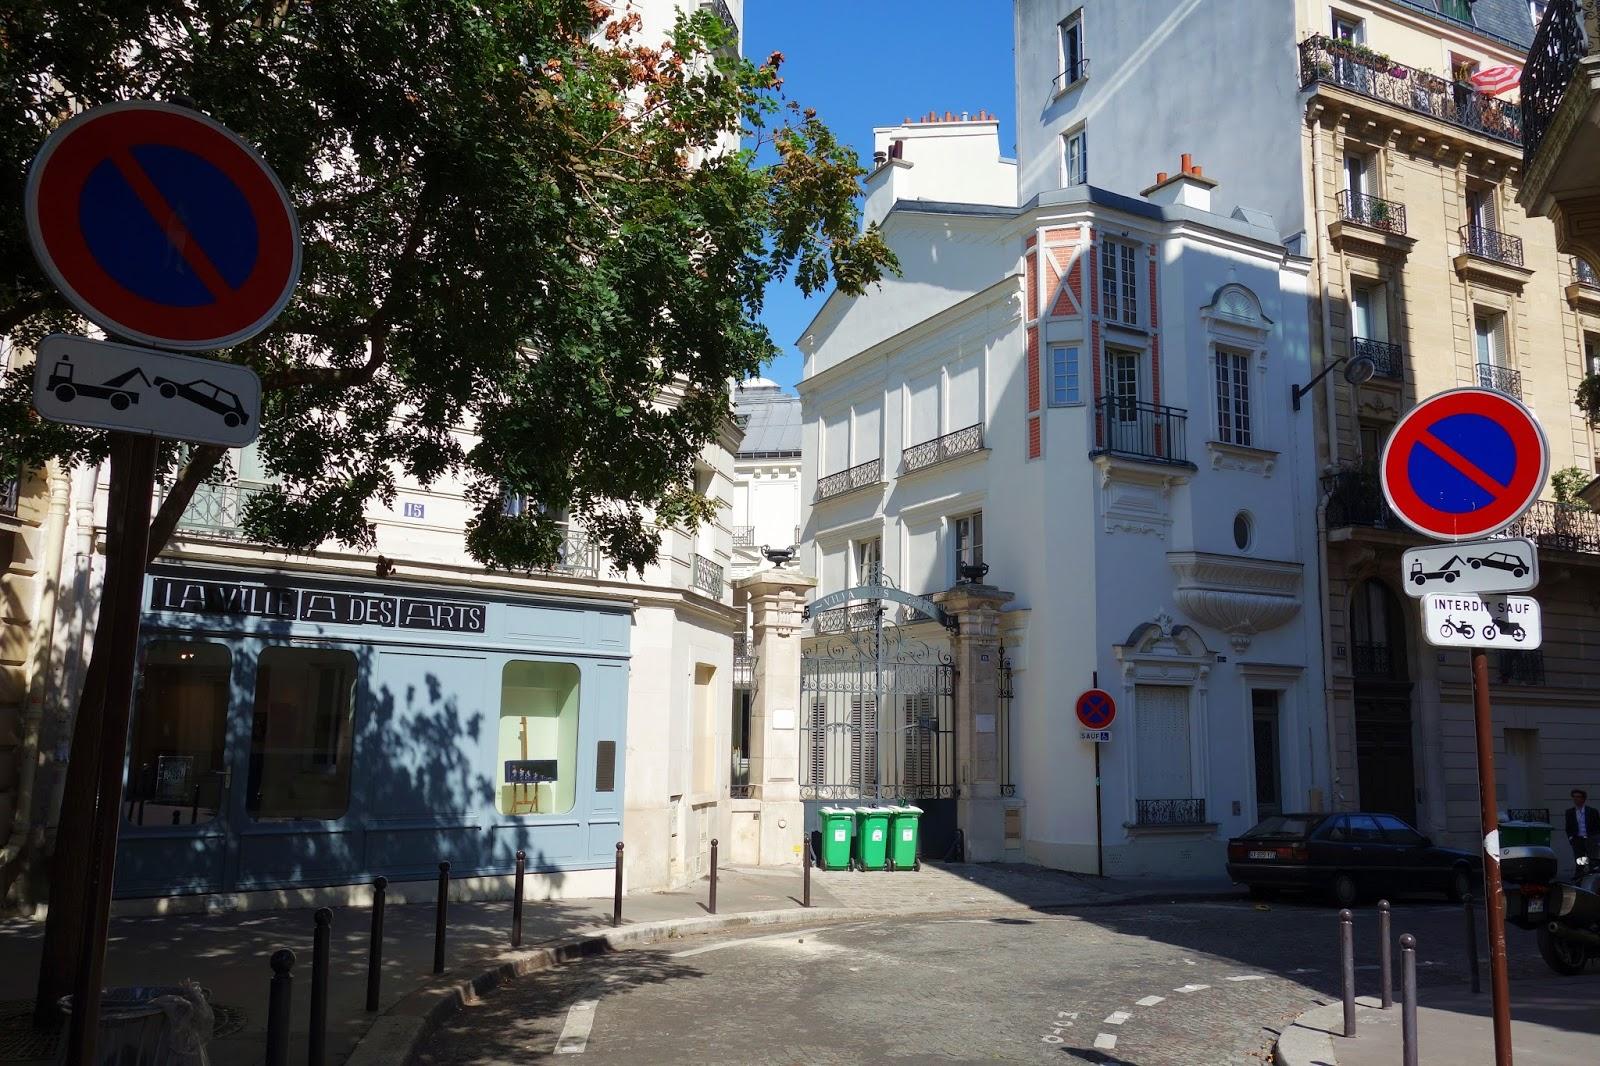 Paris Villa Des Arts Une Cit D 39 Artistes Du Xix Me